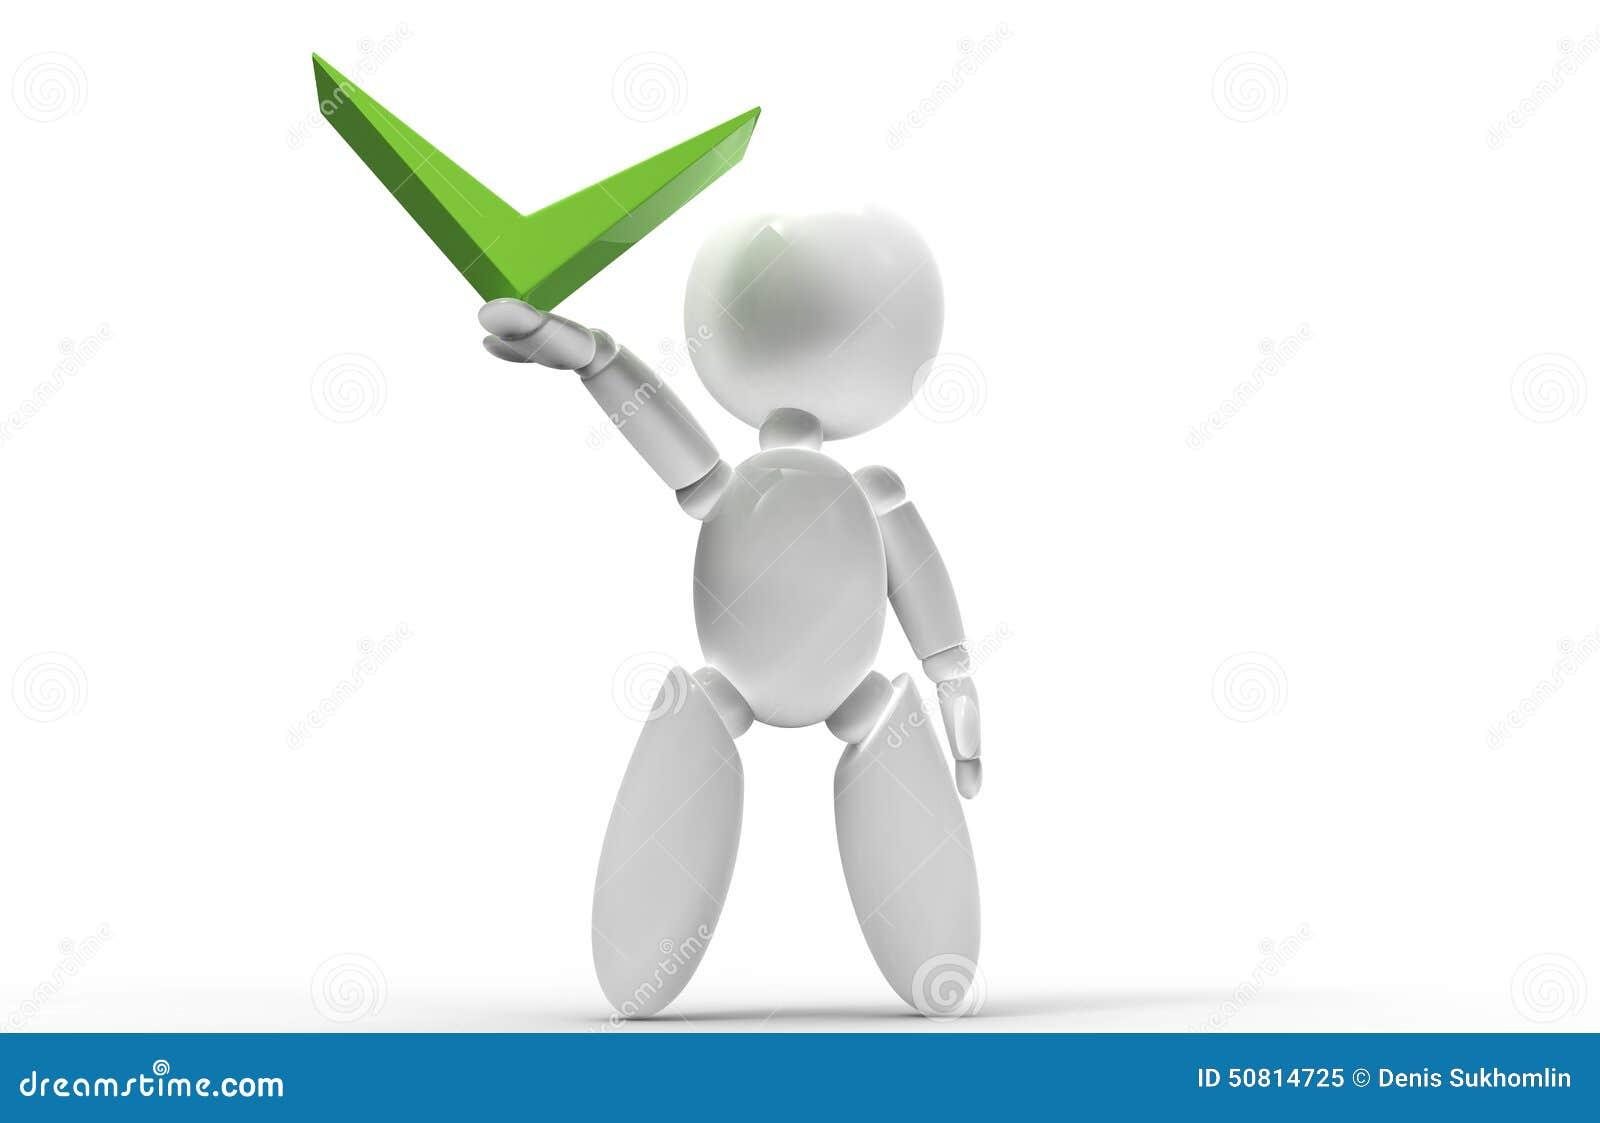 Νέοι τρισδιάστατοι άνθρωποι - πράσινο σημάδι ελέγχου